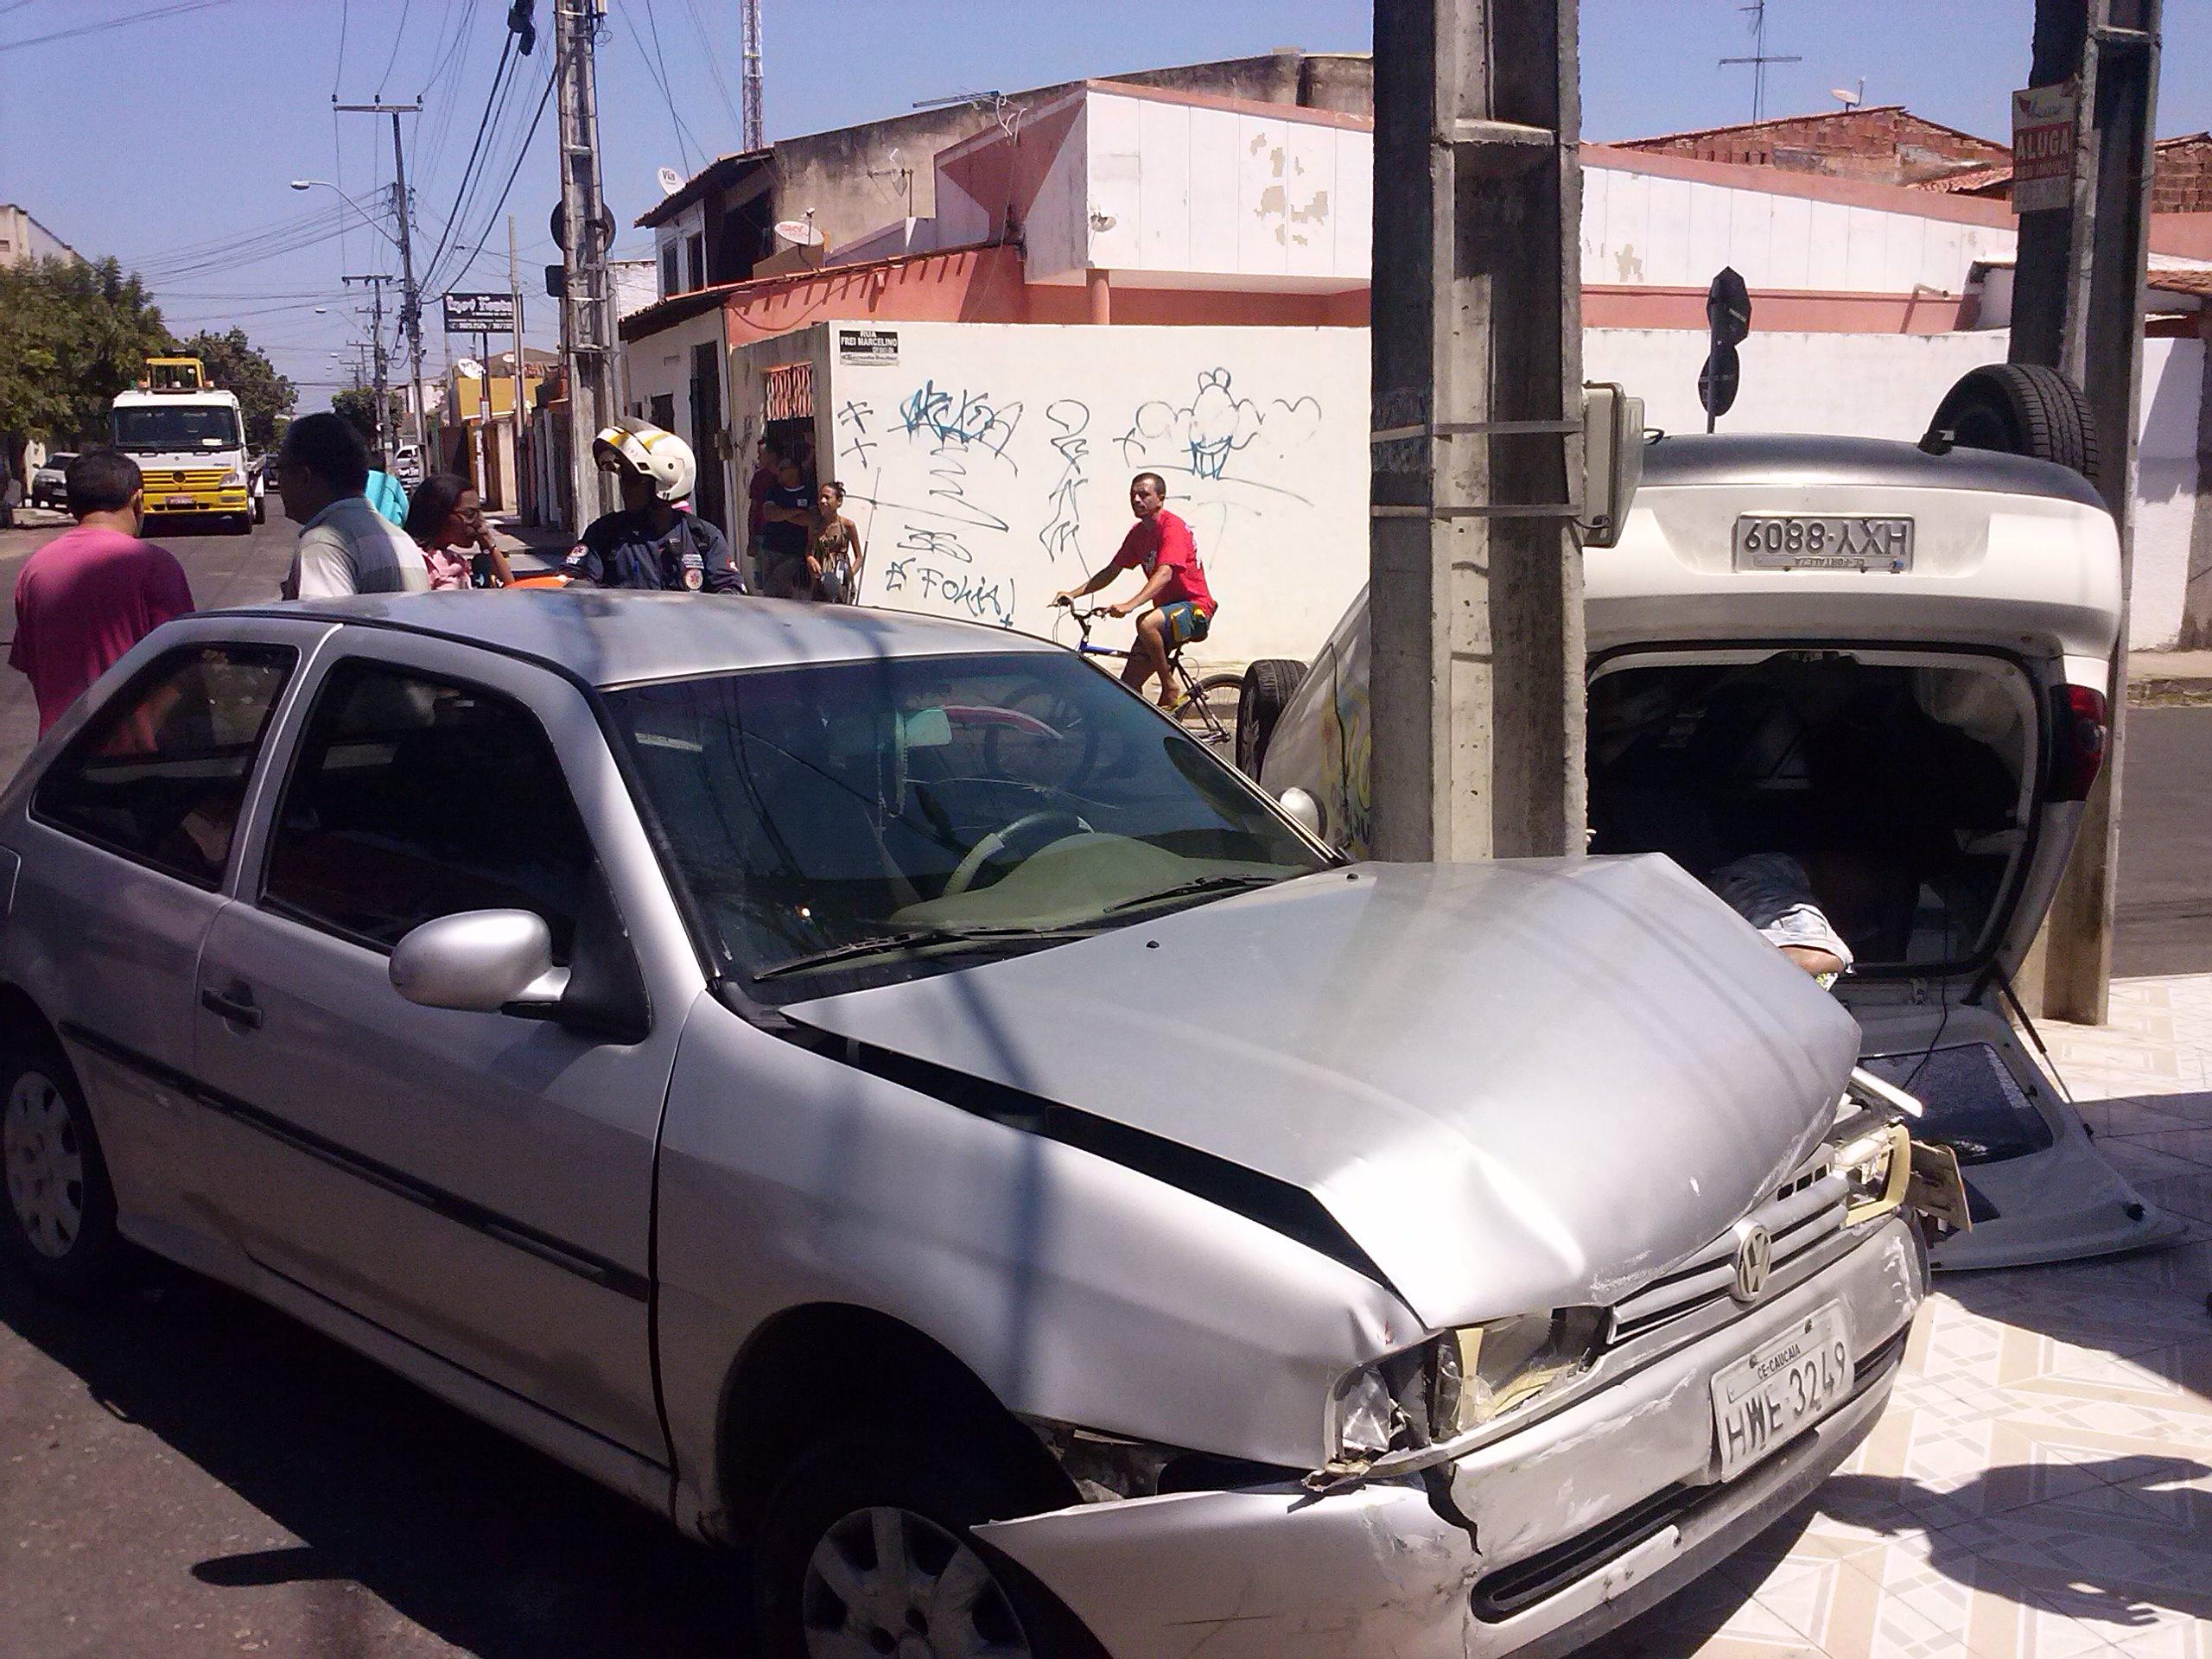 Um carro capotou após colidir com outro veículo na tarde desta quarta-feira (3), no Parque Araxá, em Fortaleza. De acordo com testemunhas, o acidente foi registrado no cruzamento das Ruas Frei Marcelino com Padre Cícero. Equipes do Serviço de Atendimento Móvel de Urgência (Samu) foram acionadas. Ninguém ficou ferido. Um dos carros capotou e subiu a calçada de uma casa. Os moradores e motoristas reclamam da falta de sinalização horizontal da via